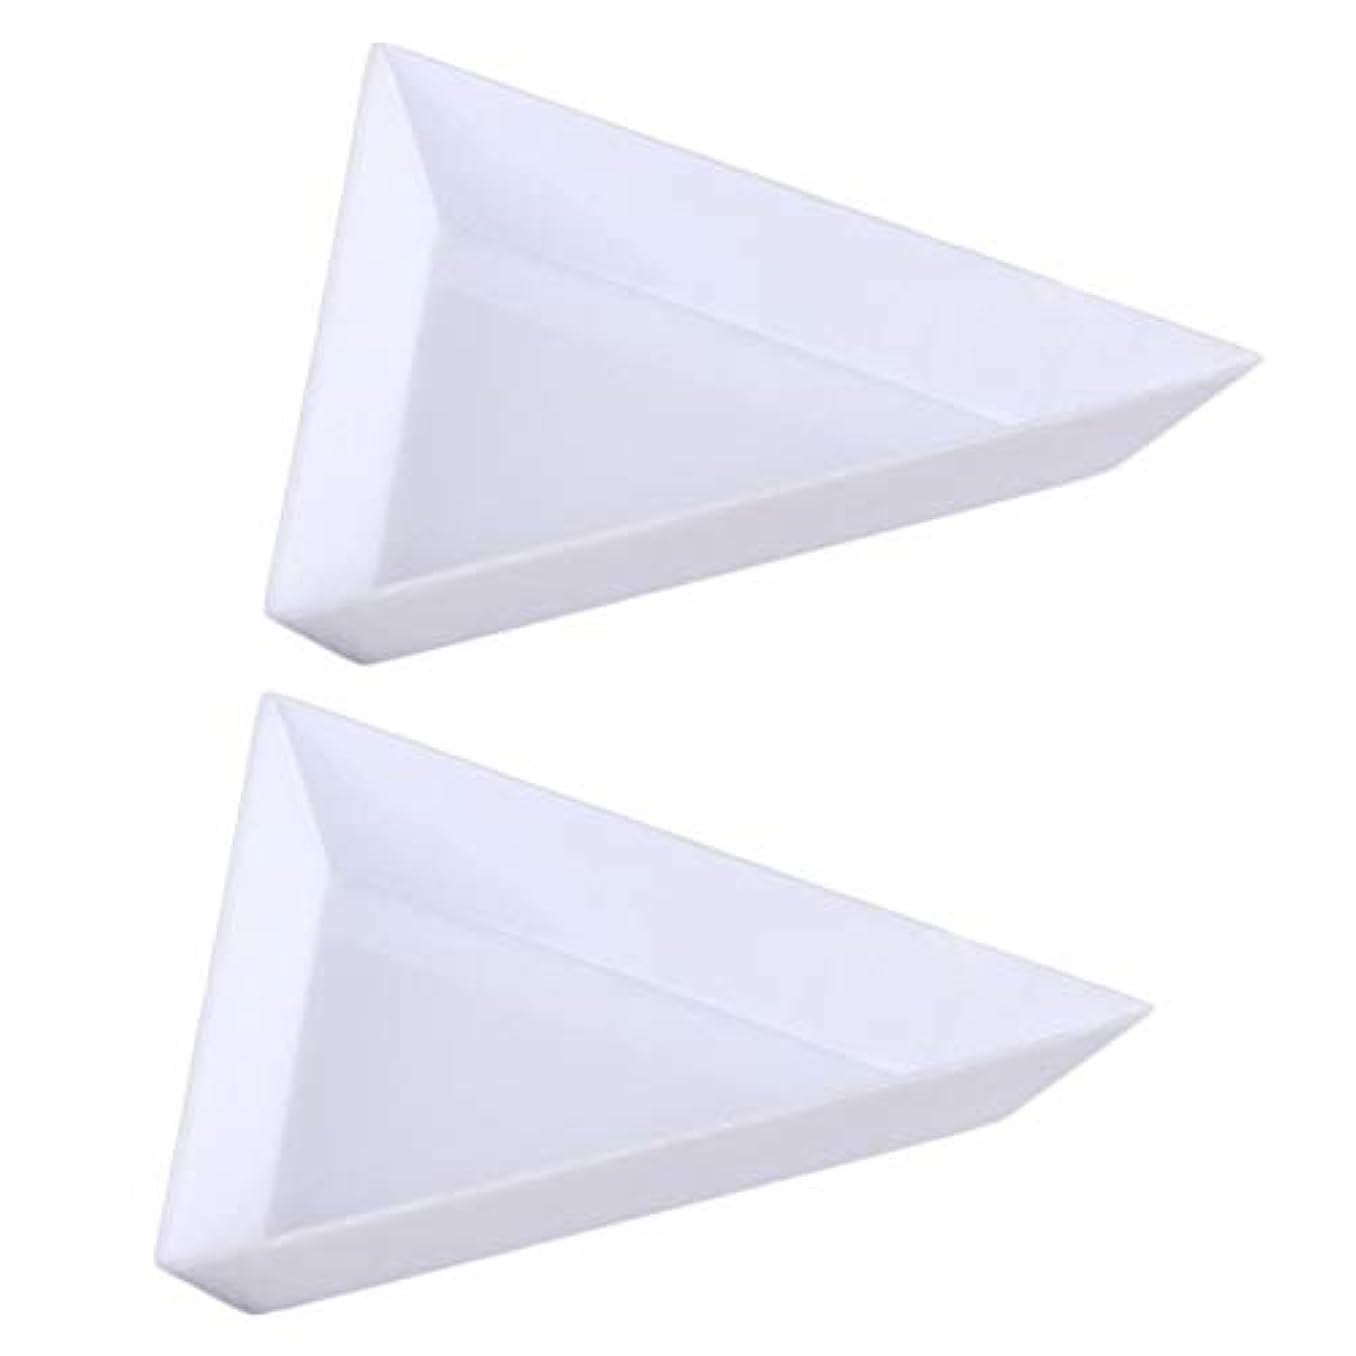 インチポインタ粒SODIAL 10個三角コーナープラスチックラインストーンビーズ 結晶 ネイルアートソーティングトレイアクセサリー白 DiyネイルアートデコレーションDotting収納トレイ オーガニゼーションに最適